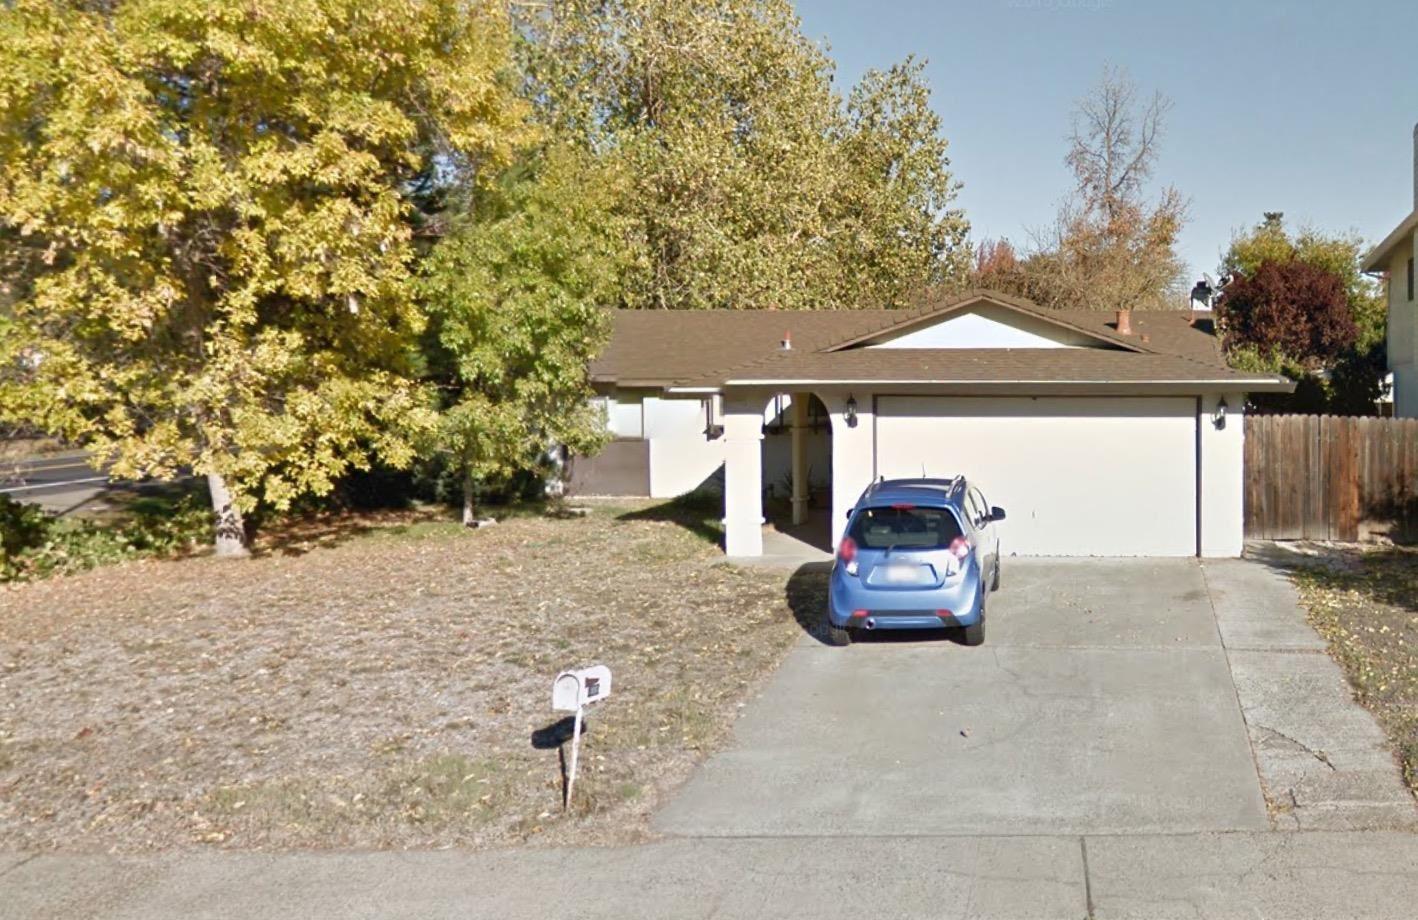 Photo of 7850 Wooddale Way, Citrus Heights, CA 95610 (MLS # 20062520)